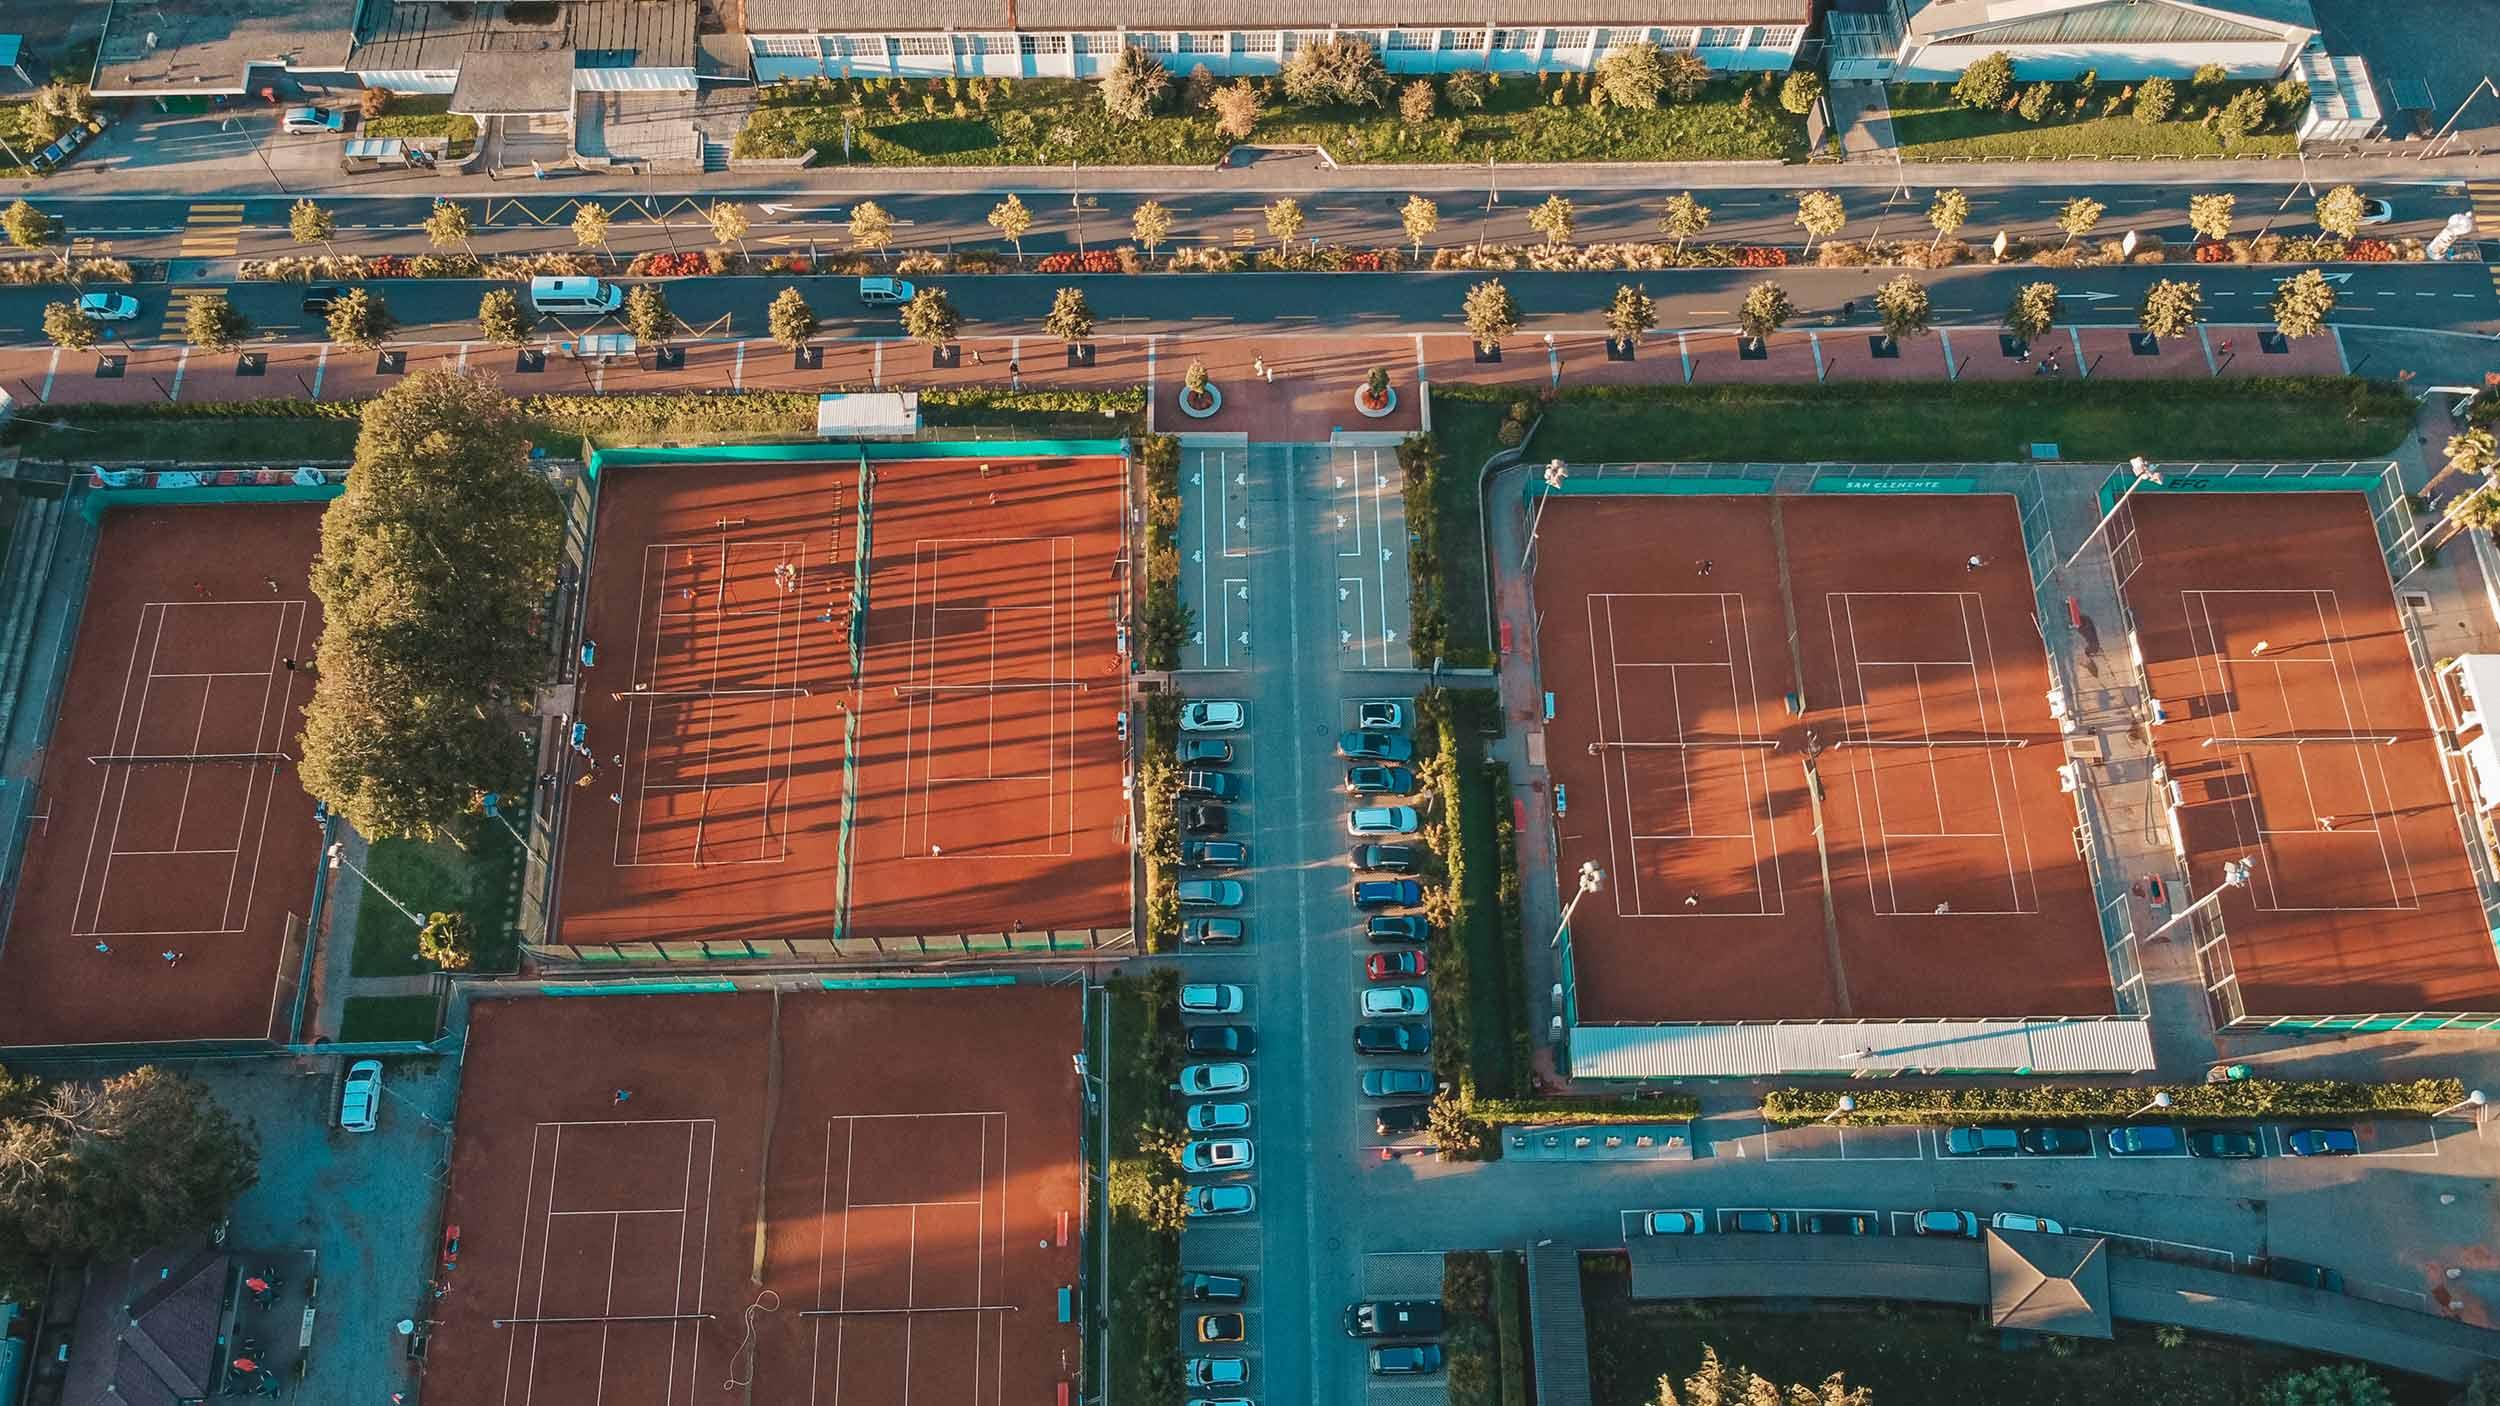 Tennis Club visto dall'alto